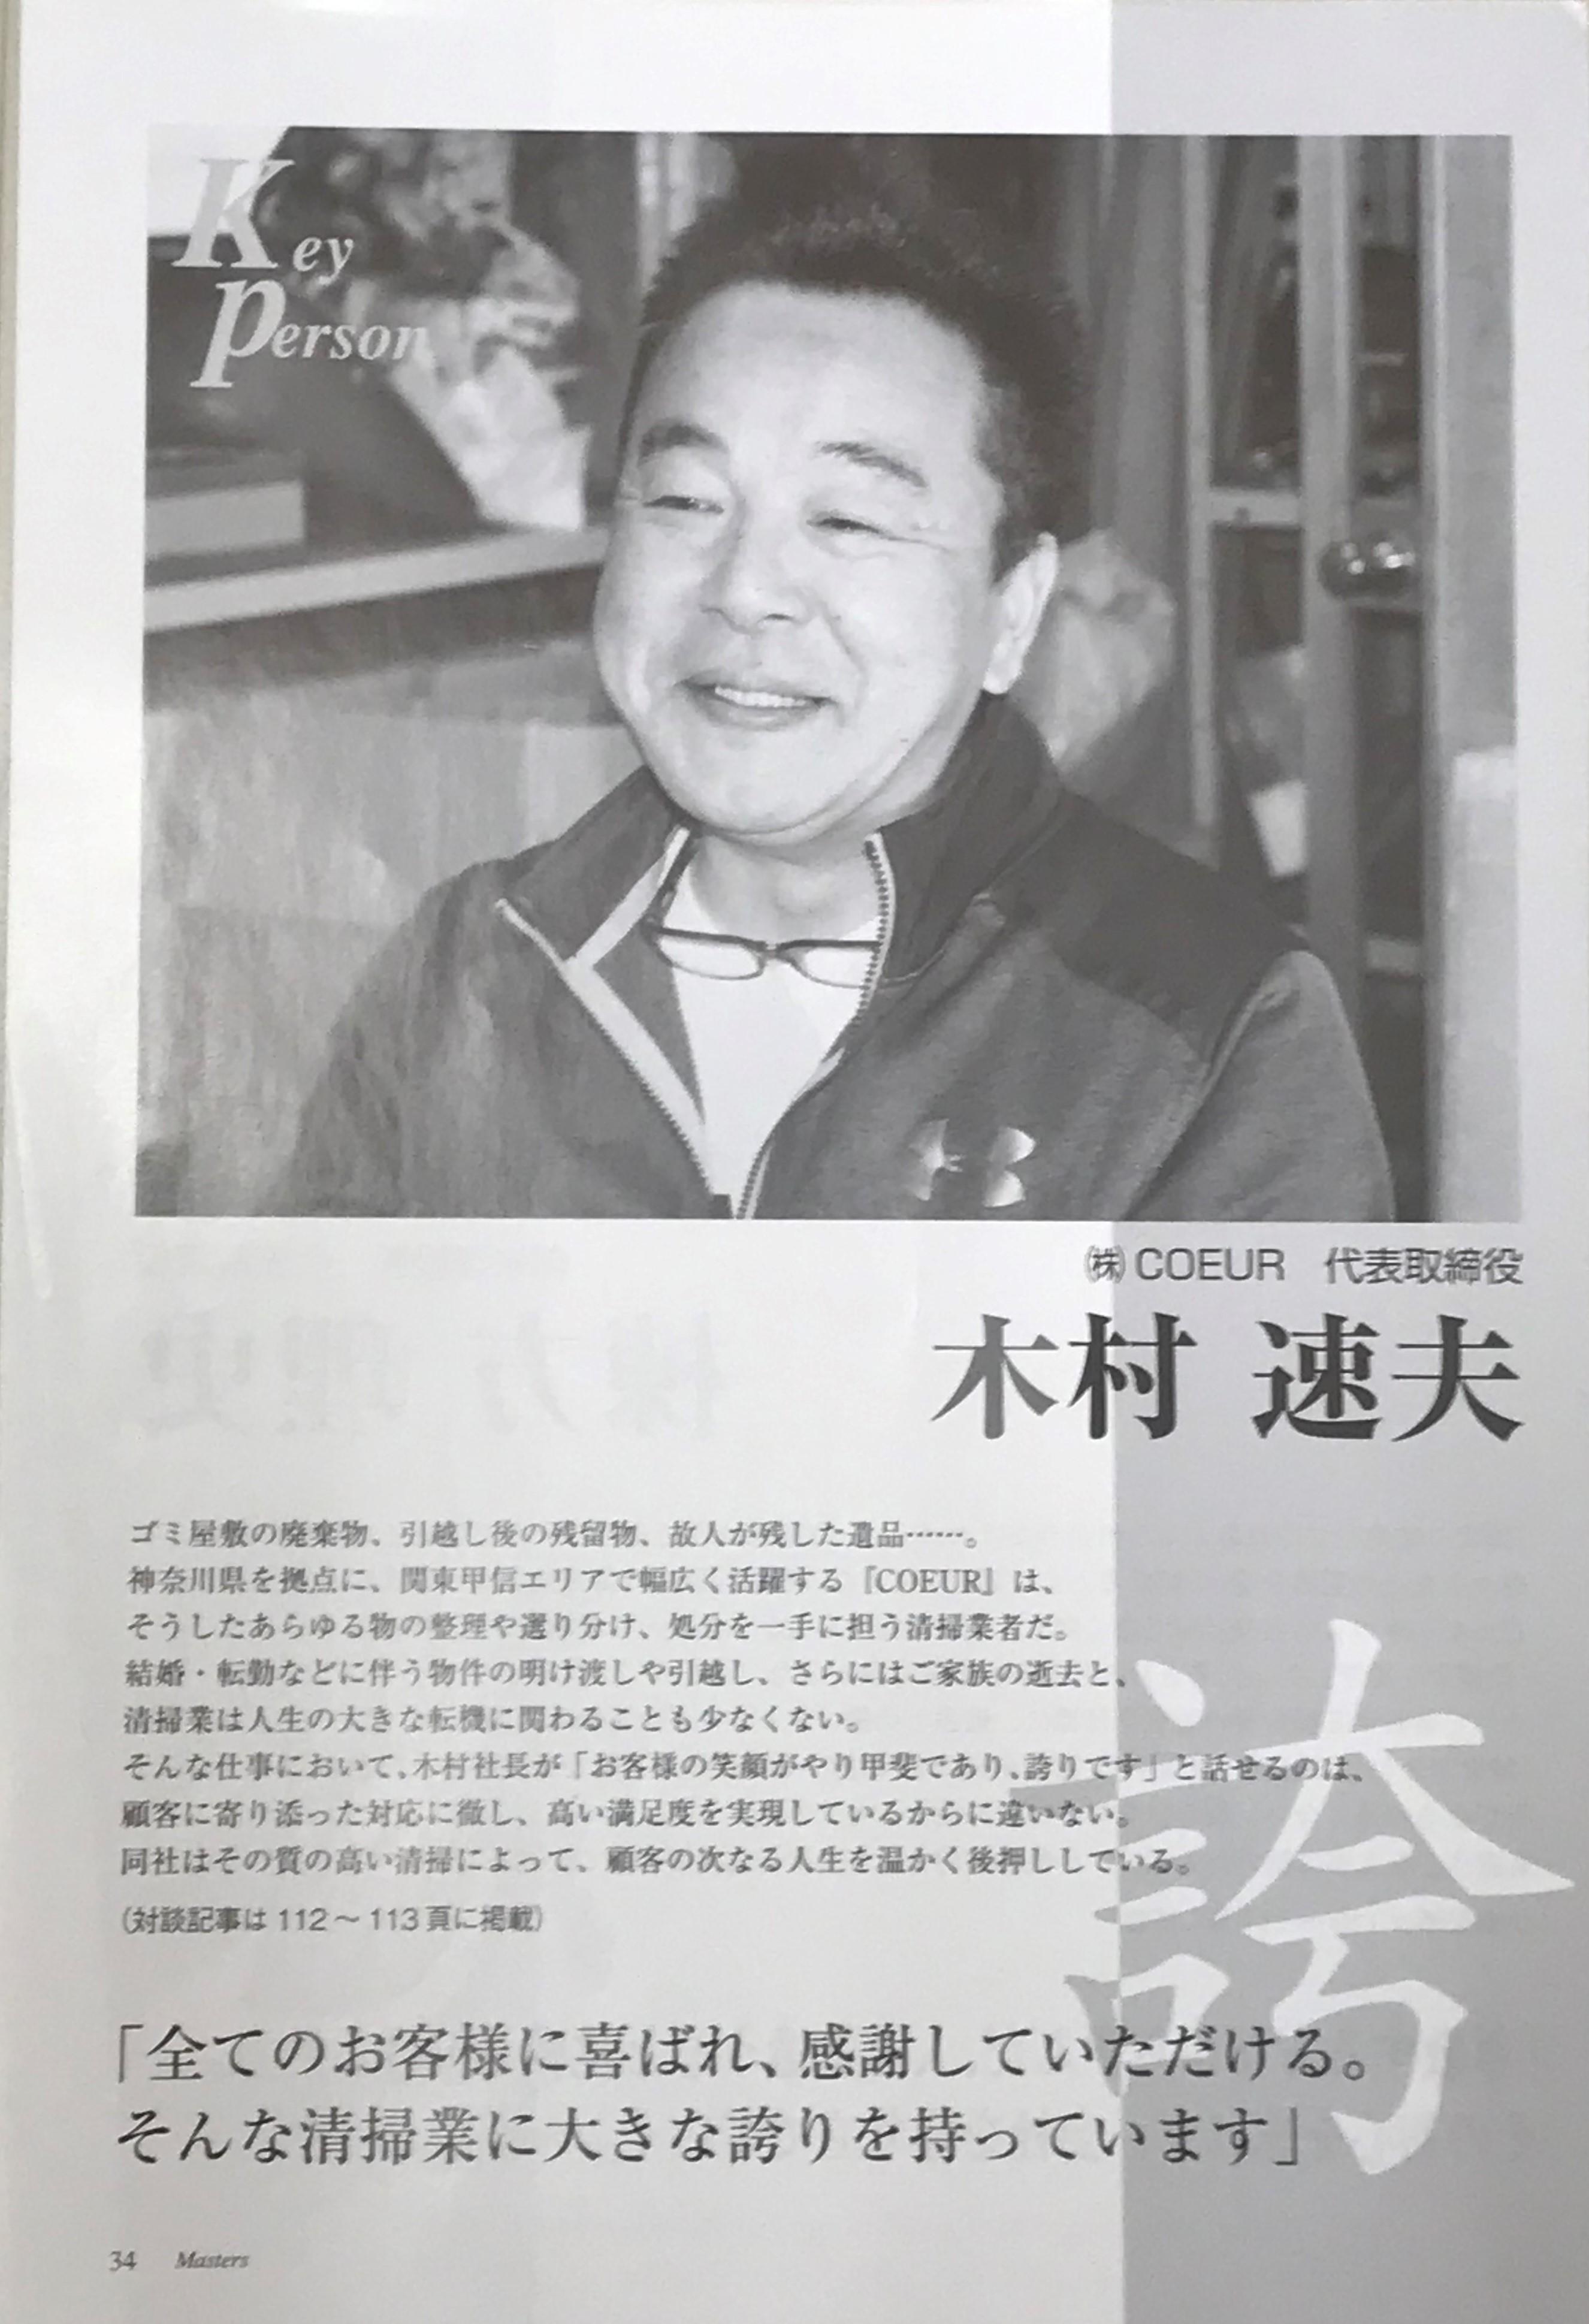 雑誌対談木村社長